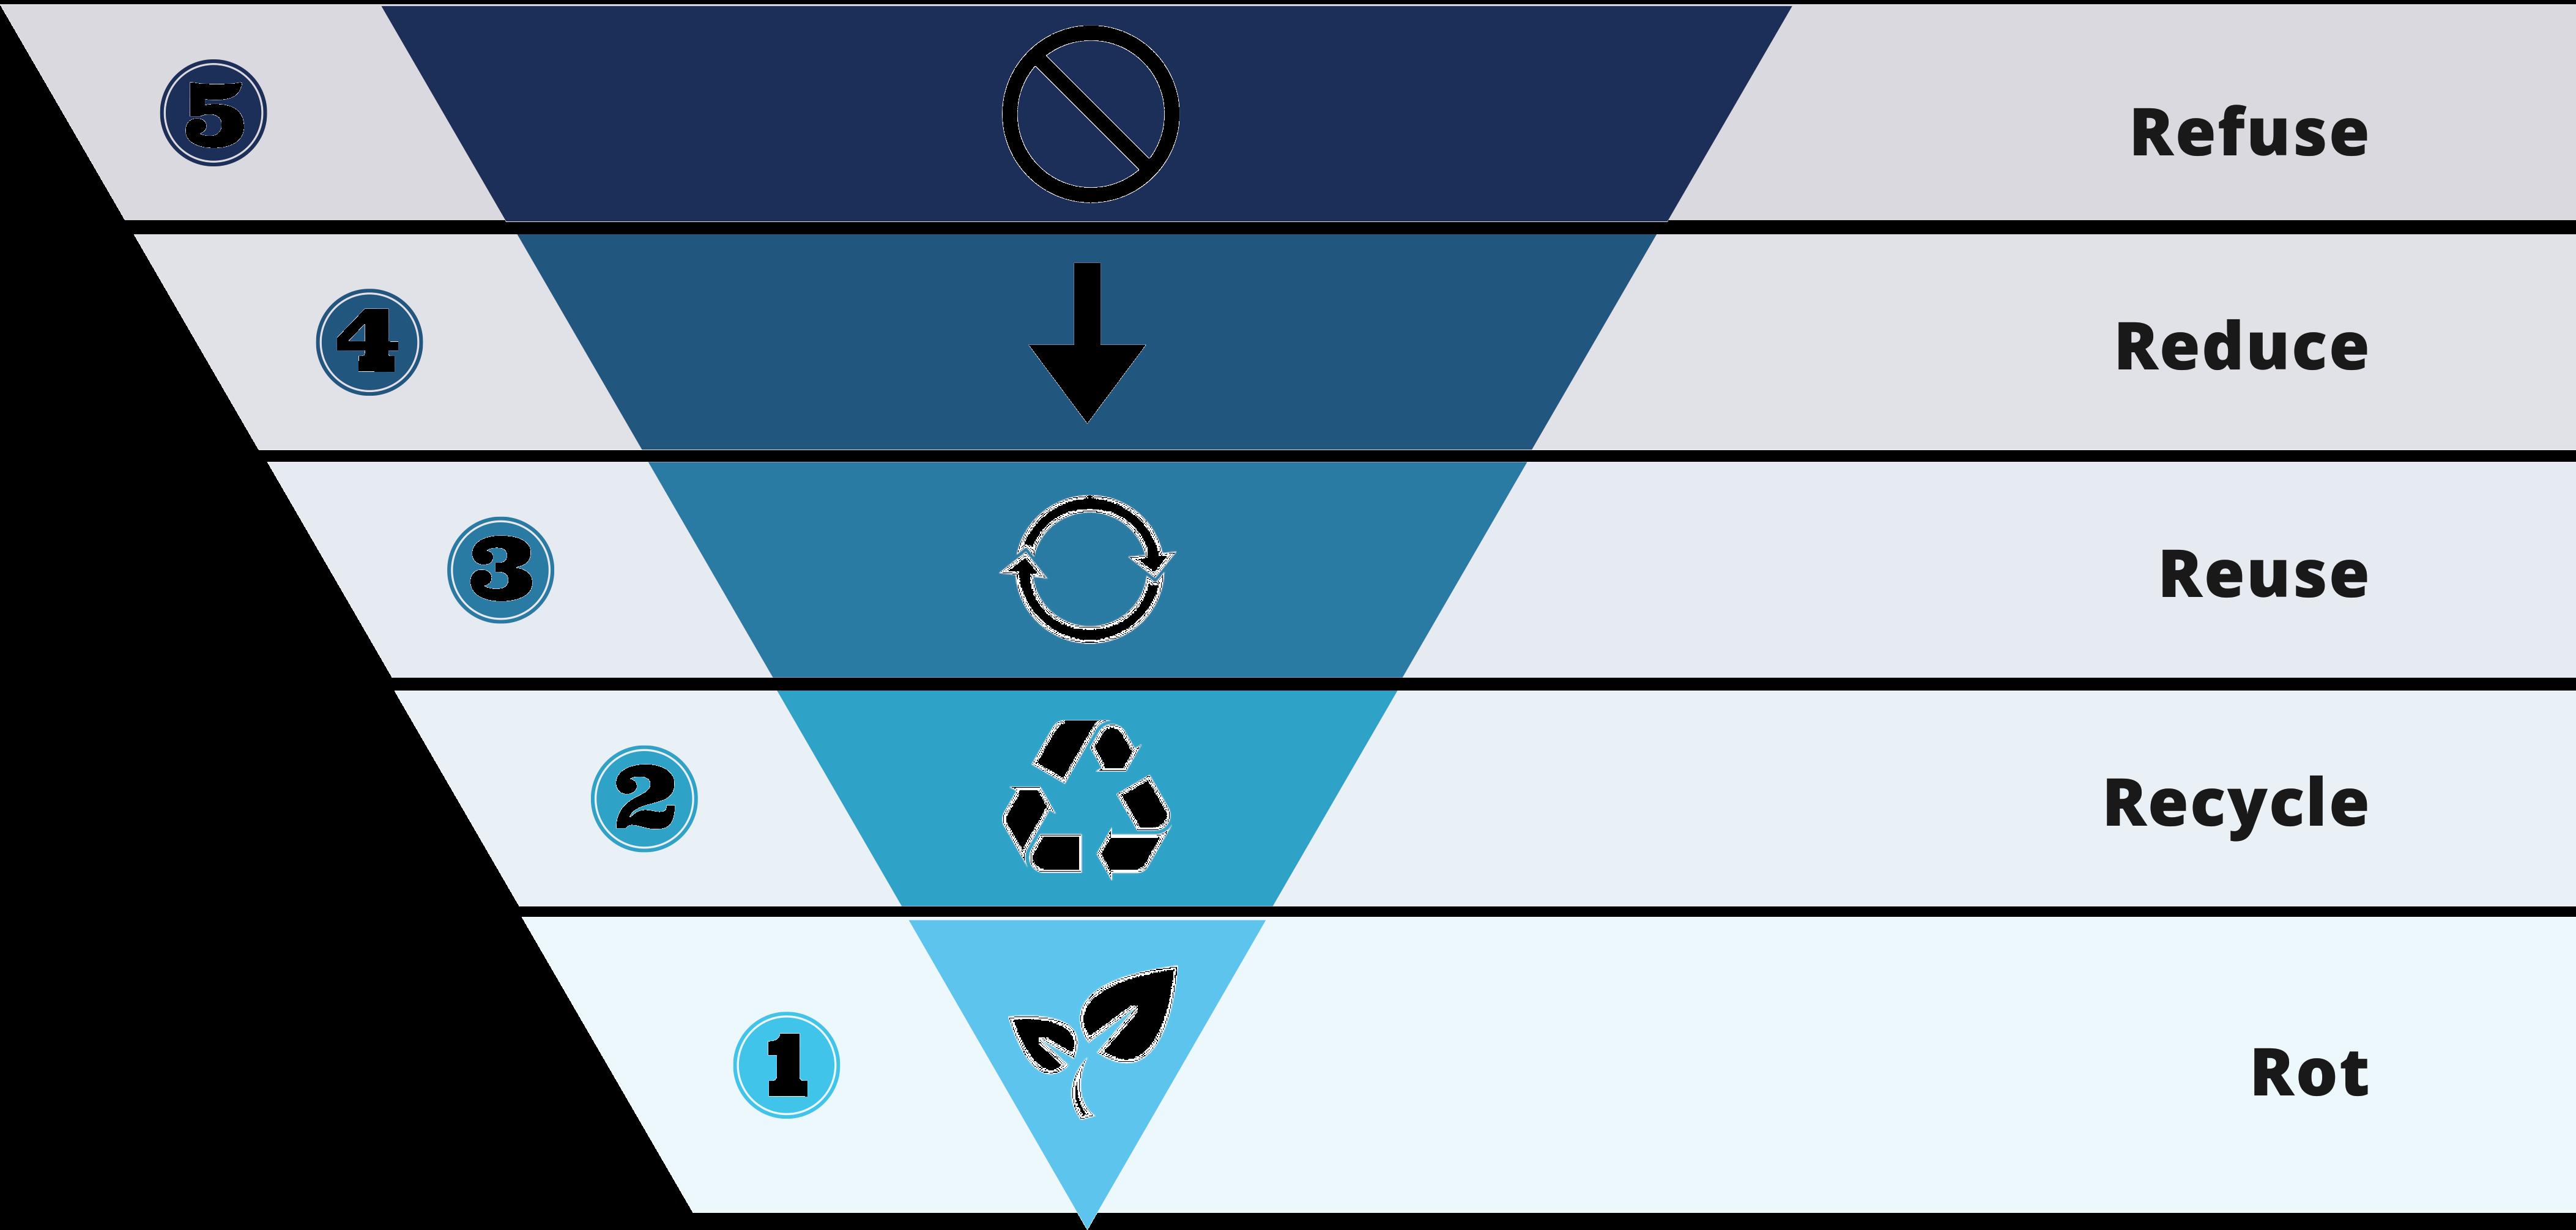 5 R's Hierarchy